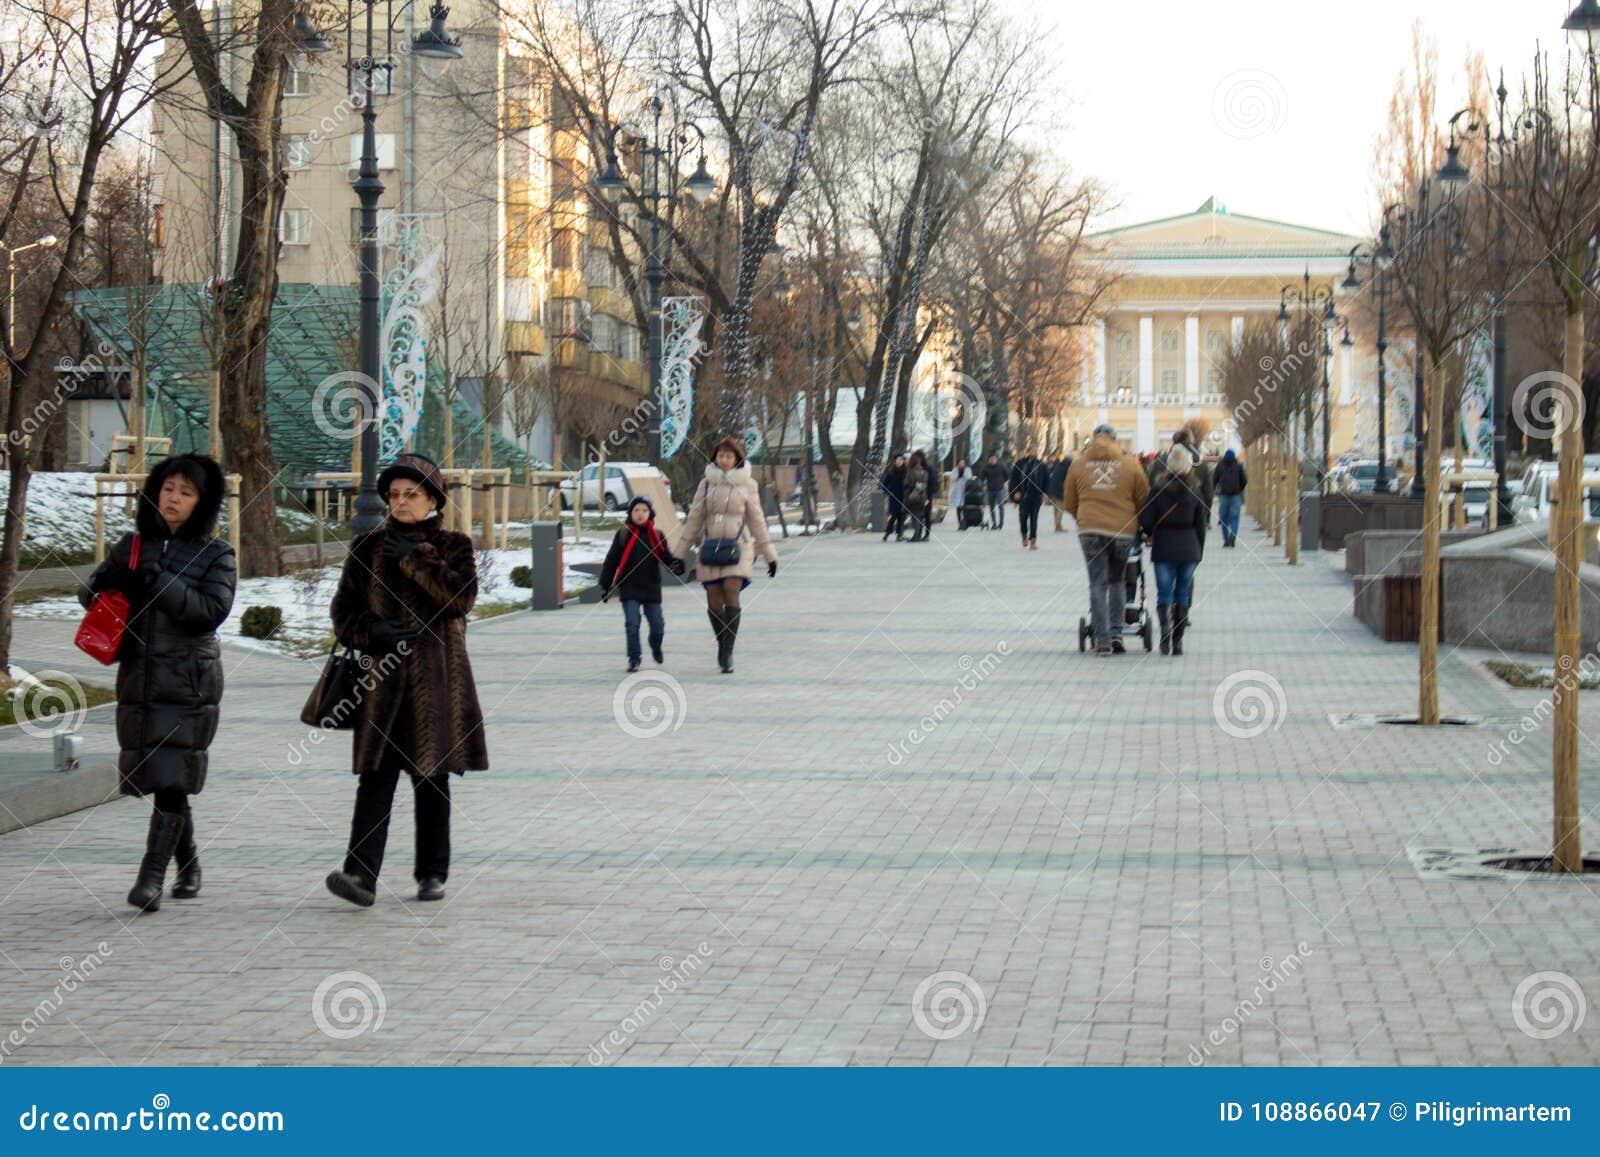 Αλμάτι, Καζακστάν, Αλμάτι Στις αρχές χειμώνα, περίπατος ανθρώπων περαστικοί